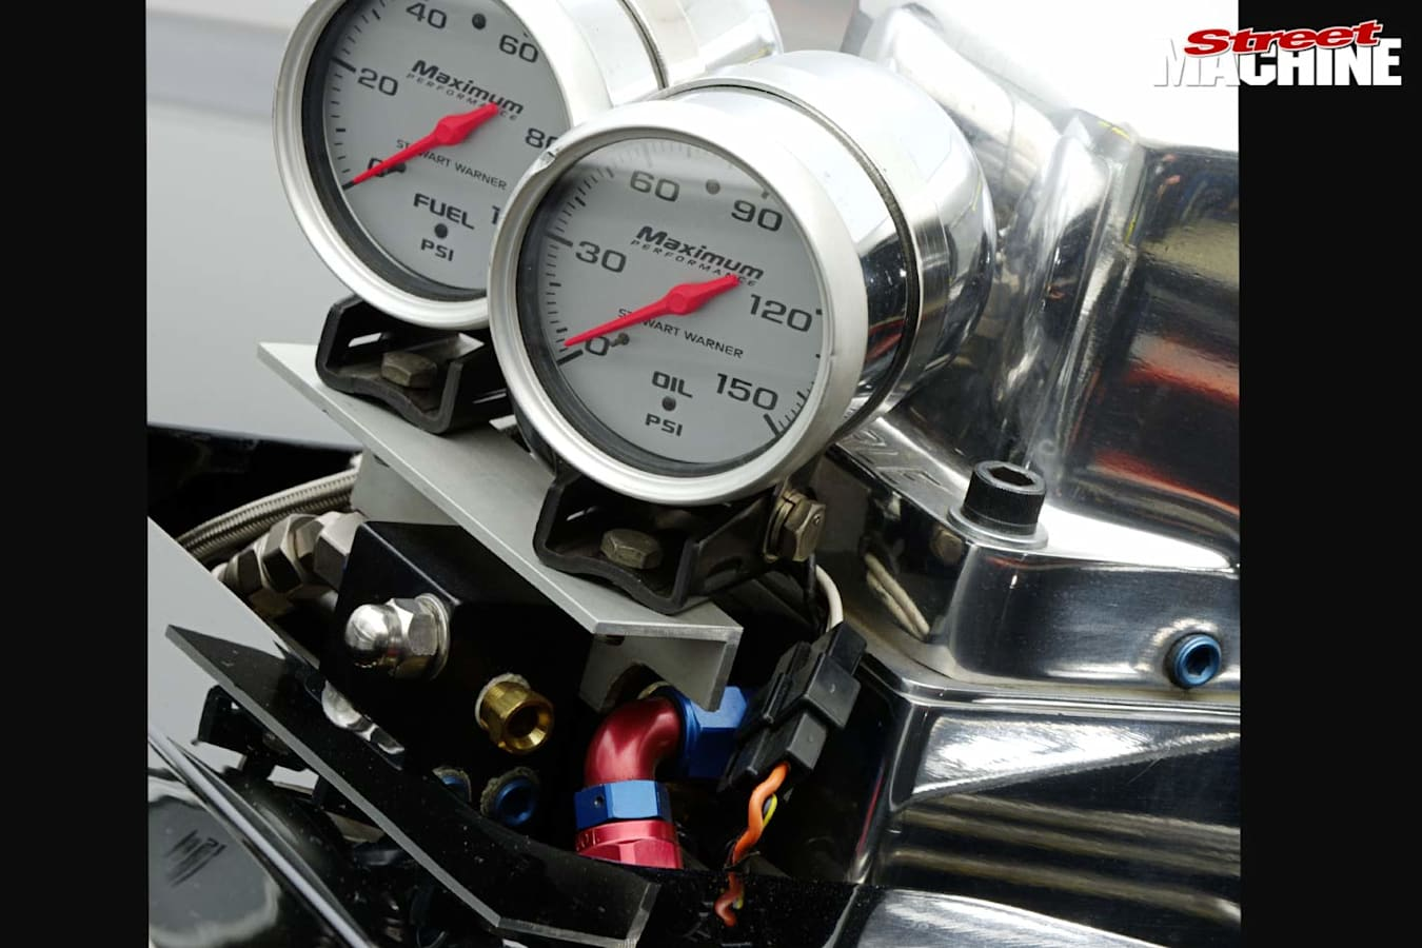 1957 Chev gauges